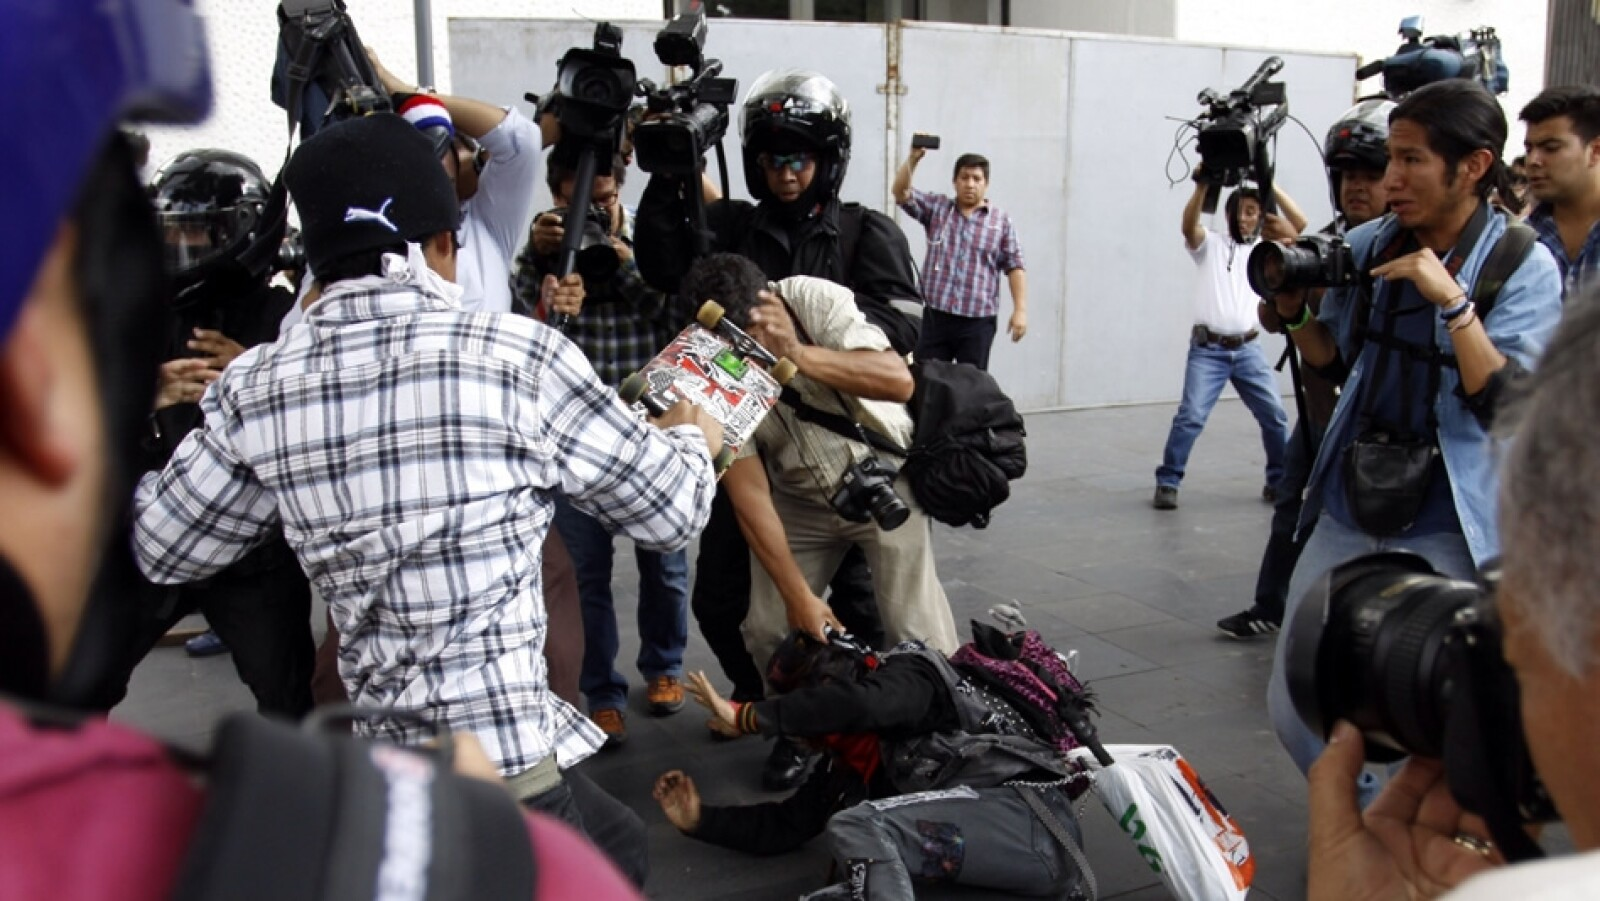 Los fotógrafos al momento de ser agredidos por los denominados grupos anarquistas